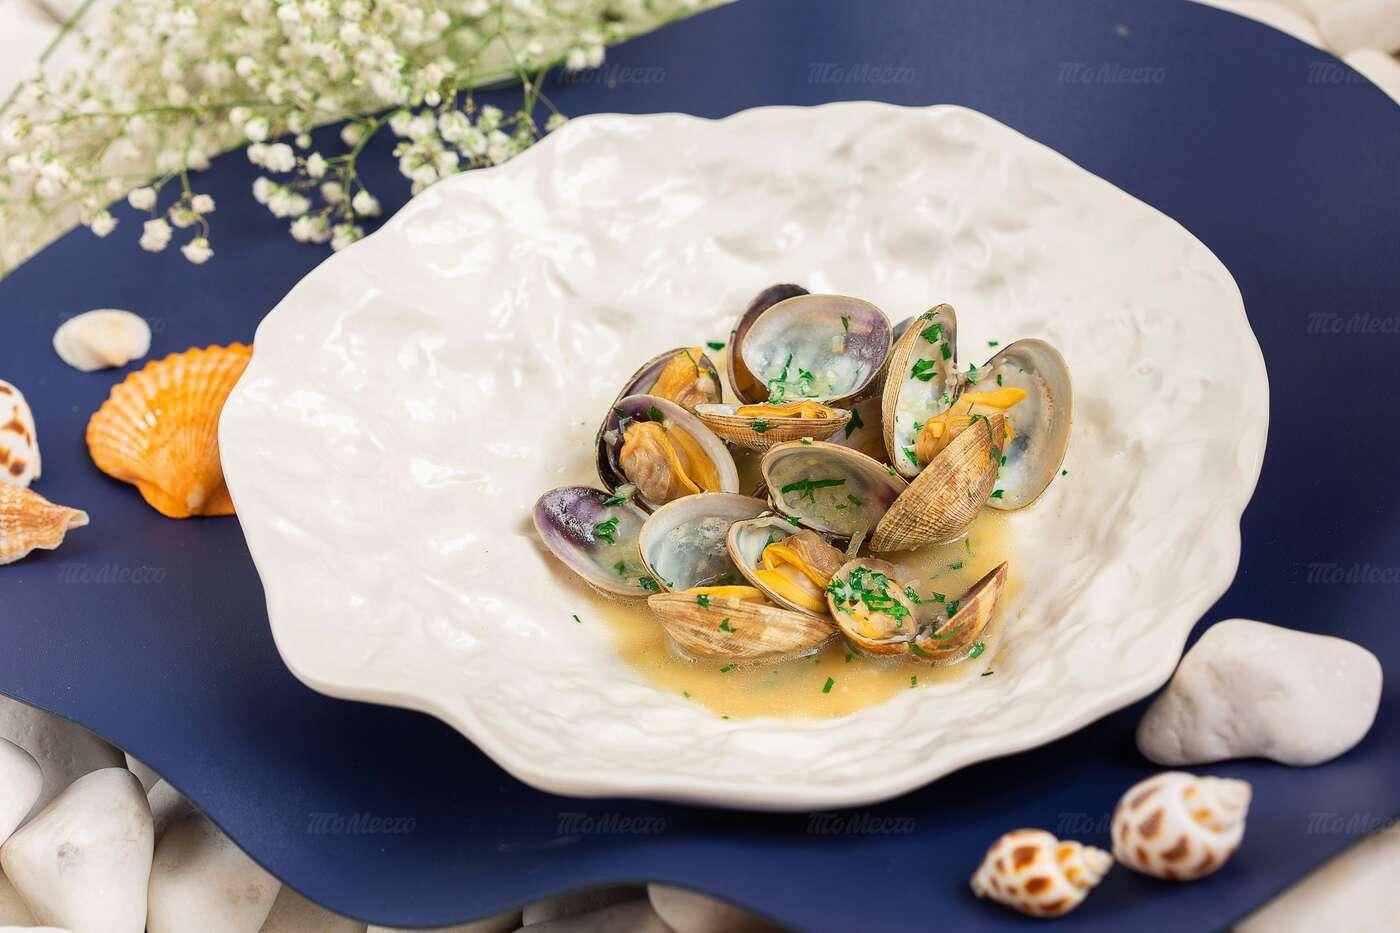 Меню ресторана Osteria di mare на Шелепихинской набережной фото 11